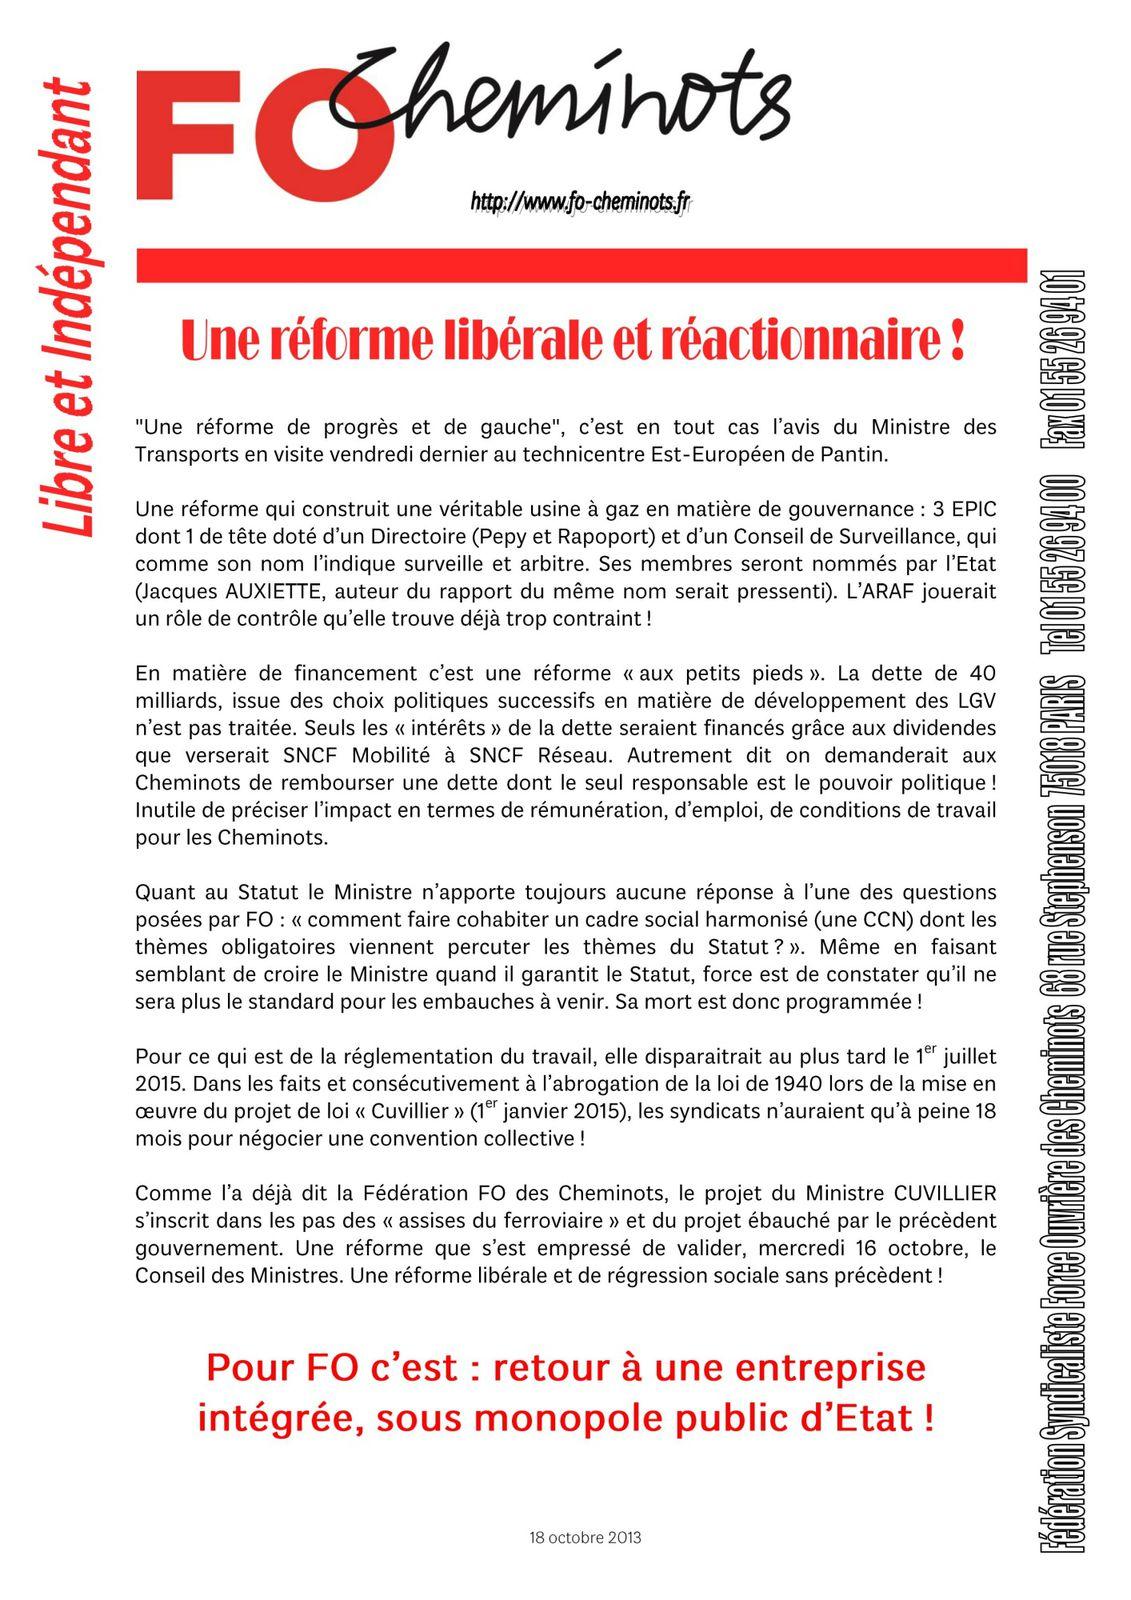 Une réforme libérale et réactionnaire! 18 10 2013